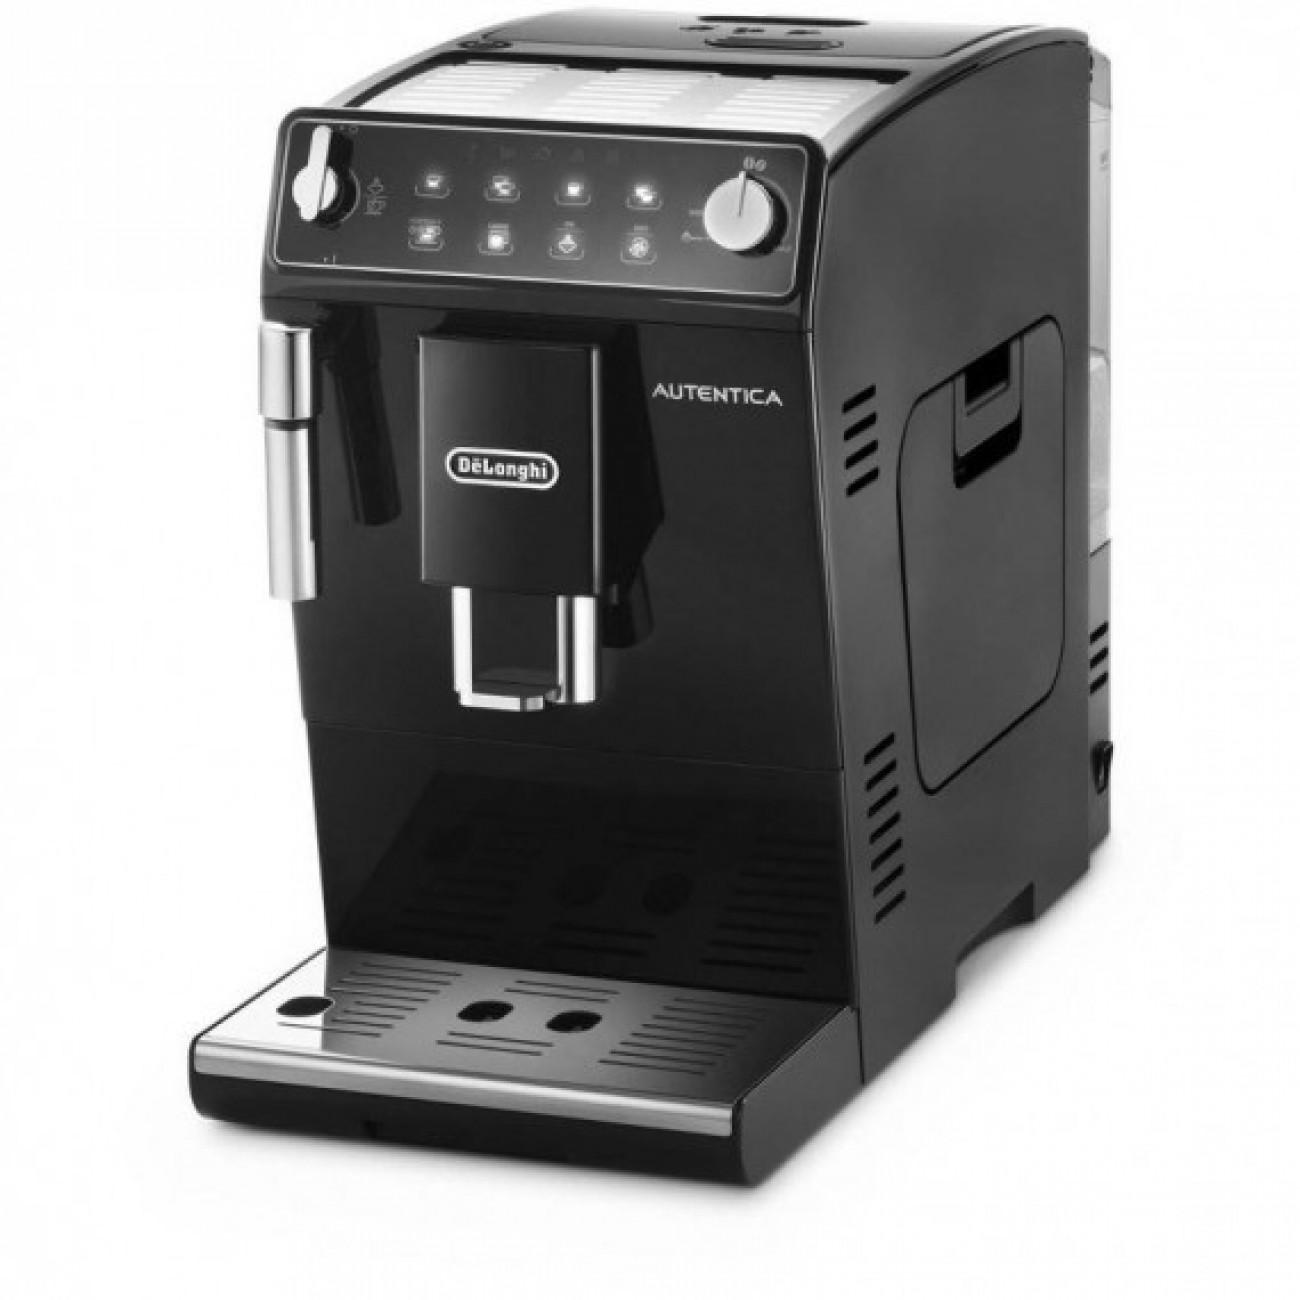 Кафеавтомат Delonghi ETAM 29.510.B в Кафемашини - DeLonghi | Alleop